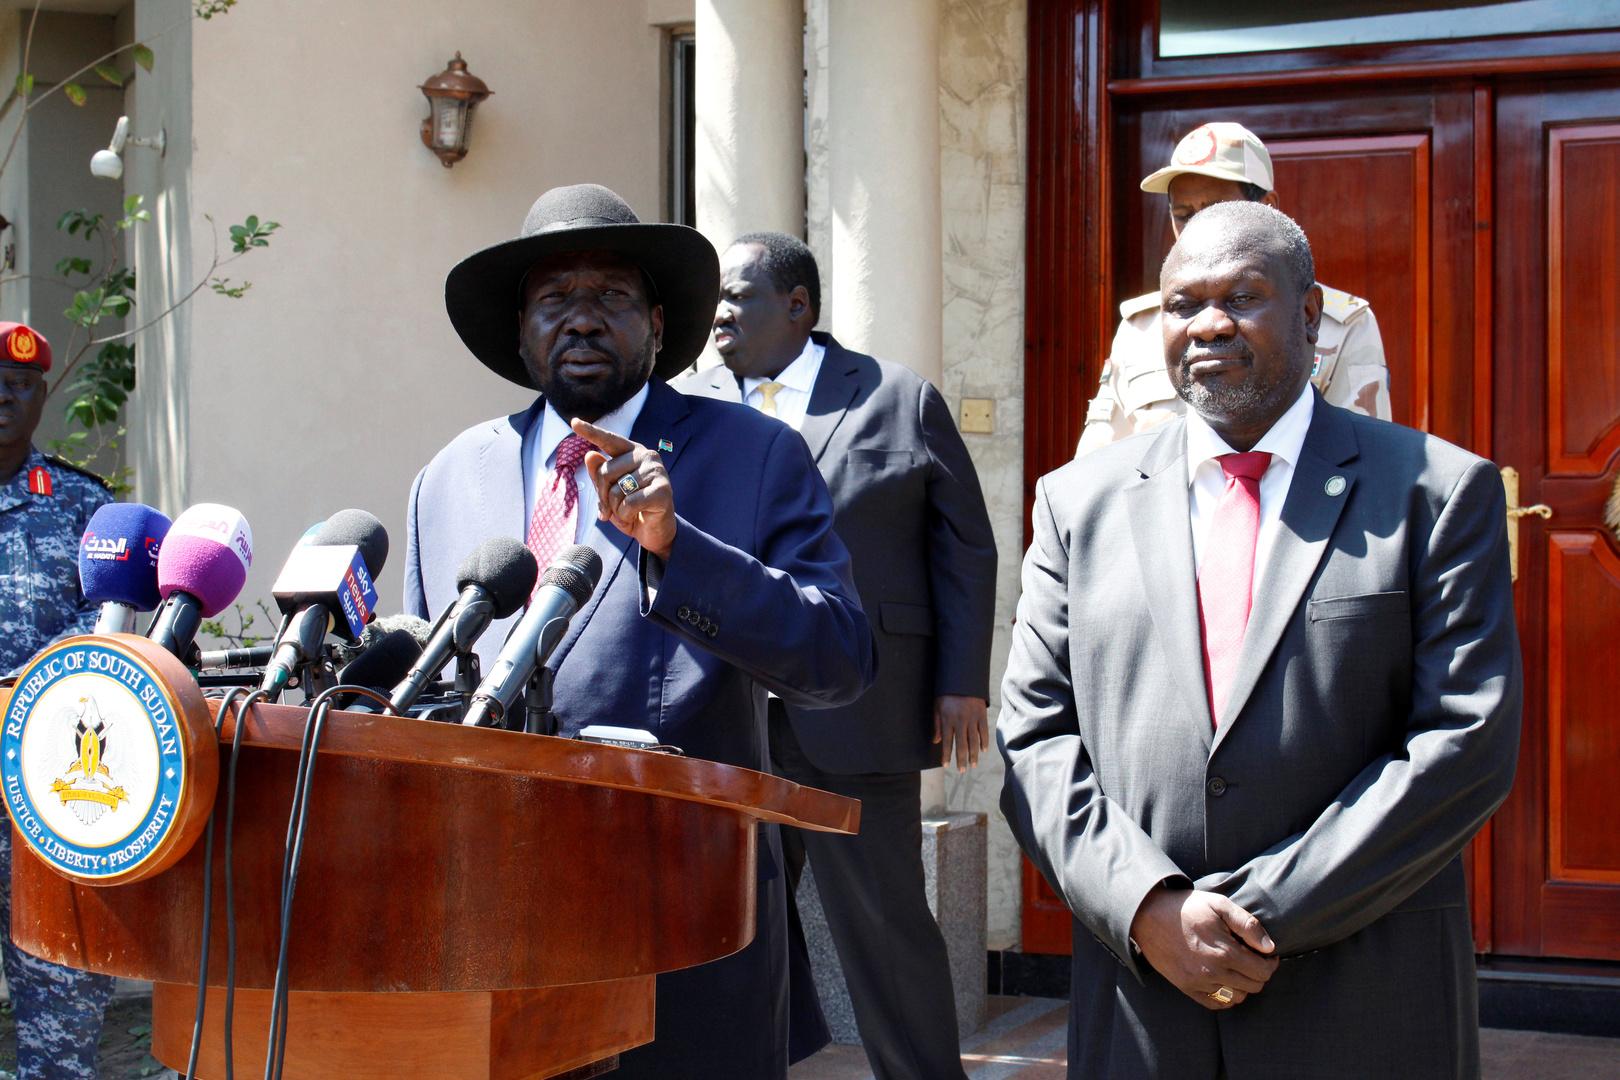 رئيس جنوب السودان، سلفا كير، اليوم الثلاثاء، أنه والزعيم السابق للتمرد المسلح، رياك مشار